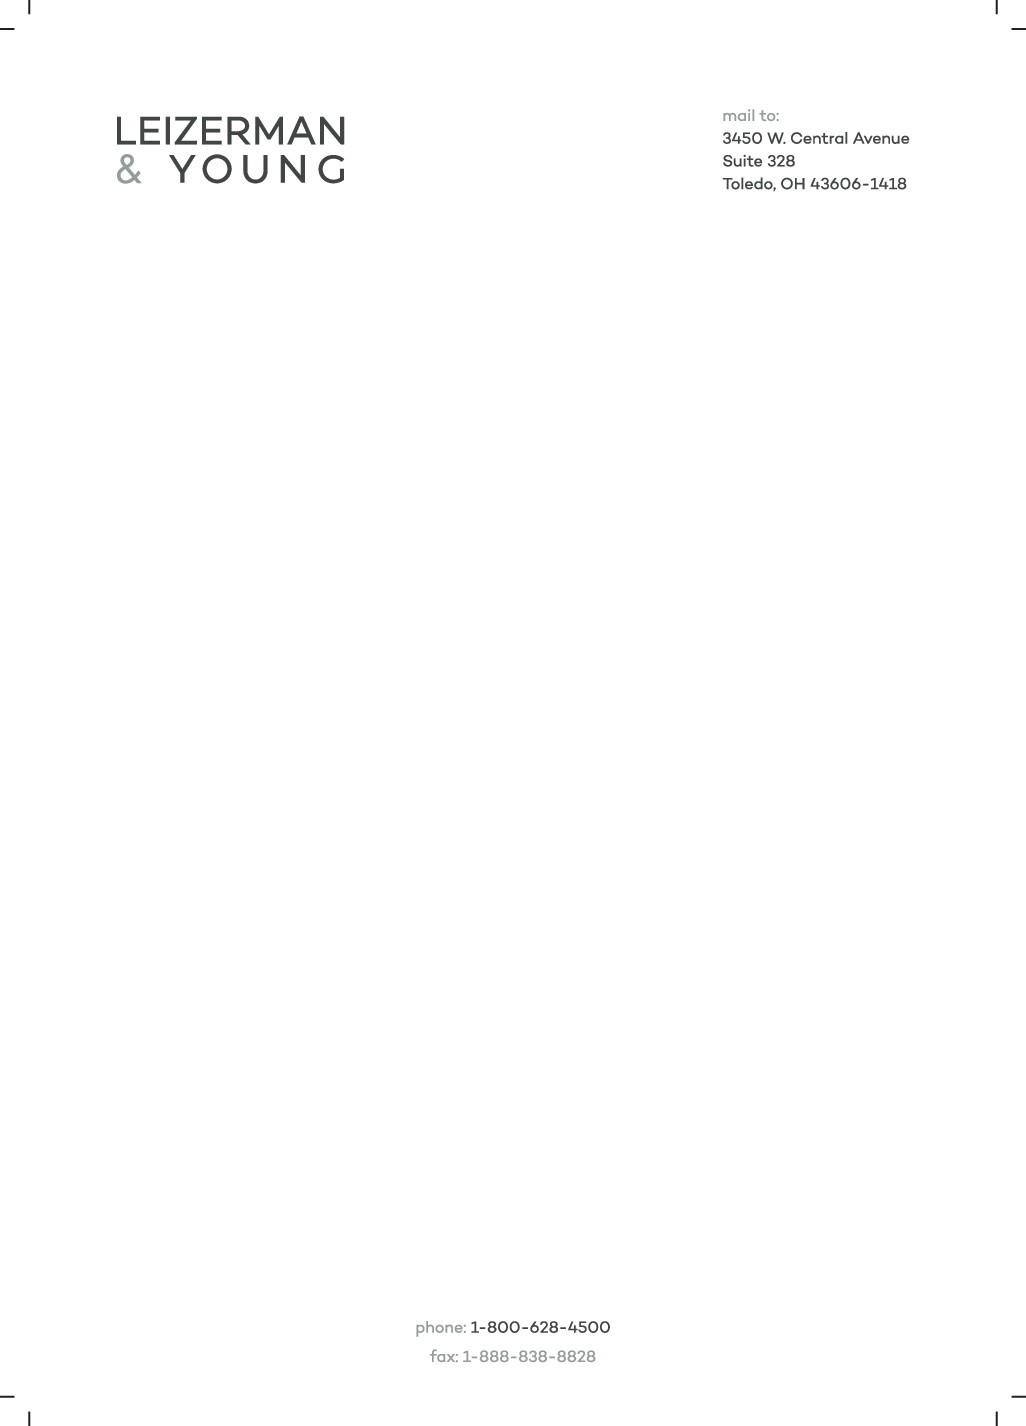 Leizerman logo update